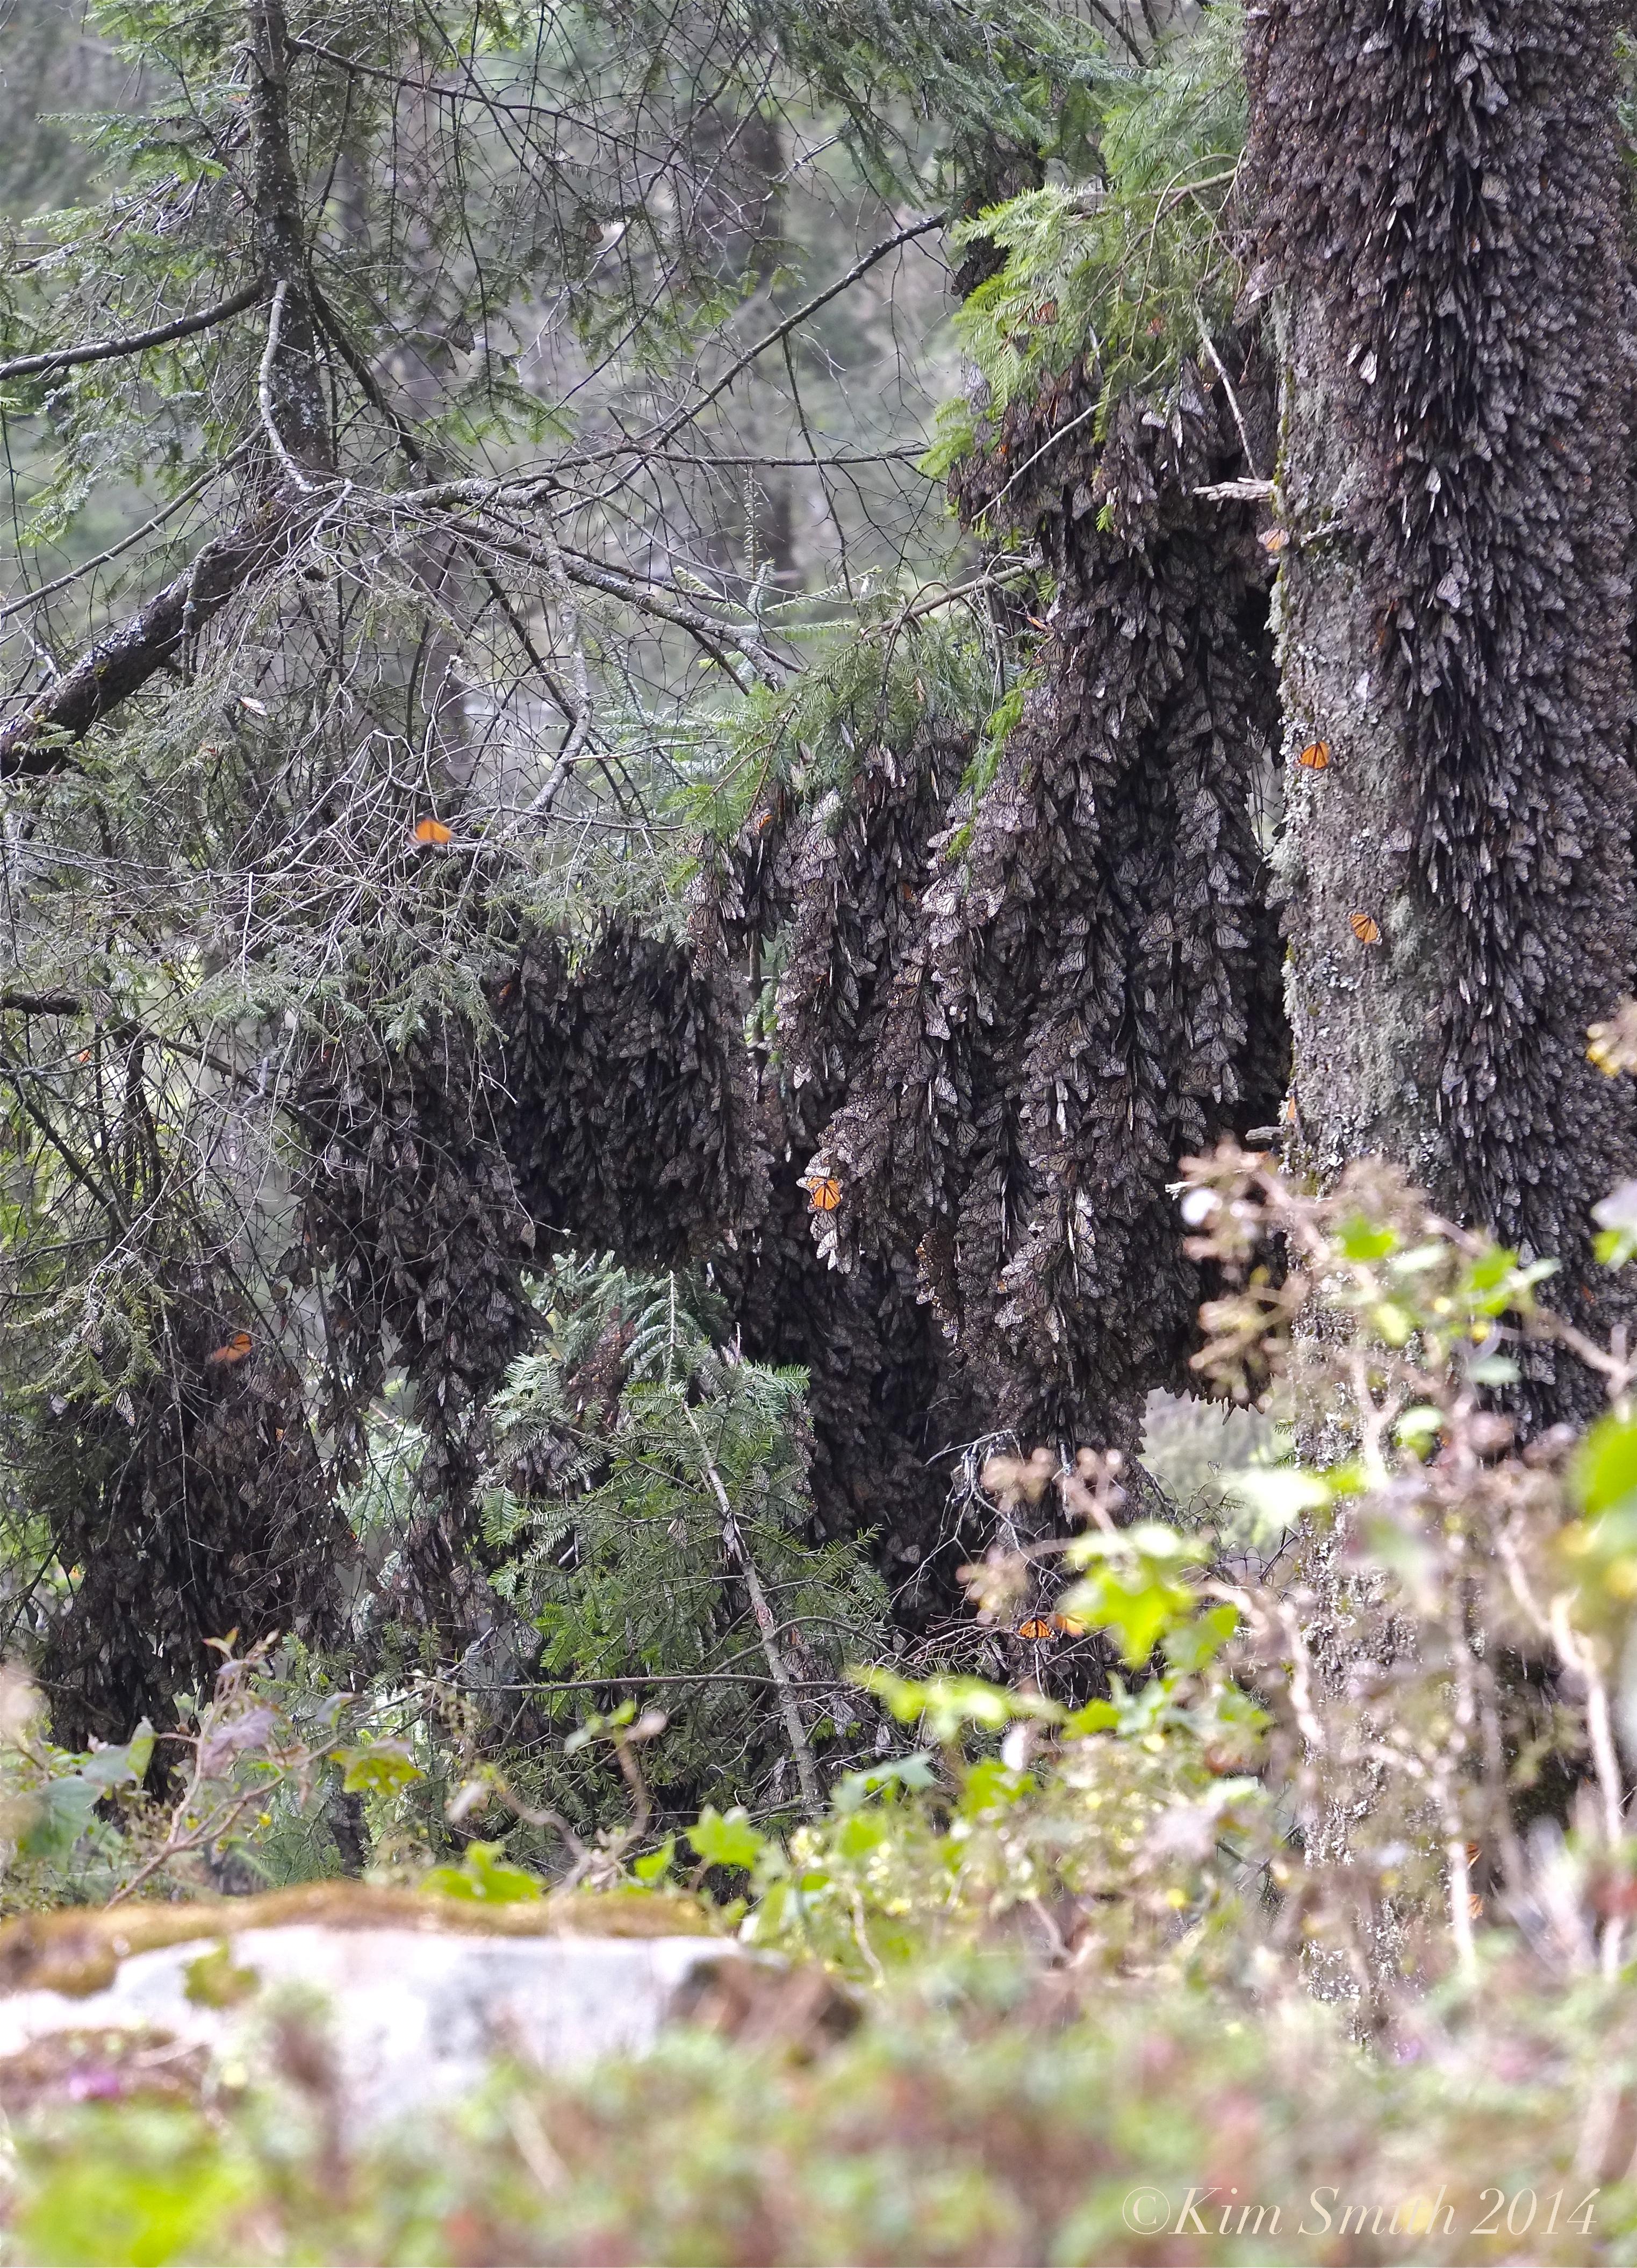 Oyamel Fir Tree